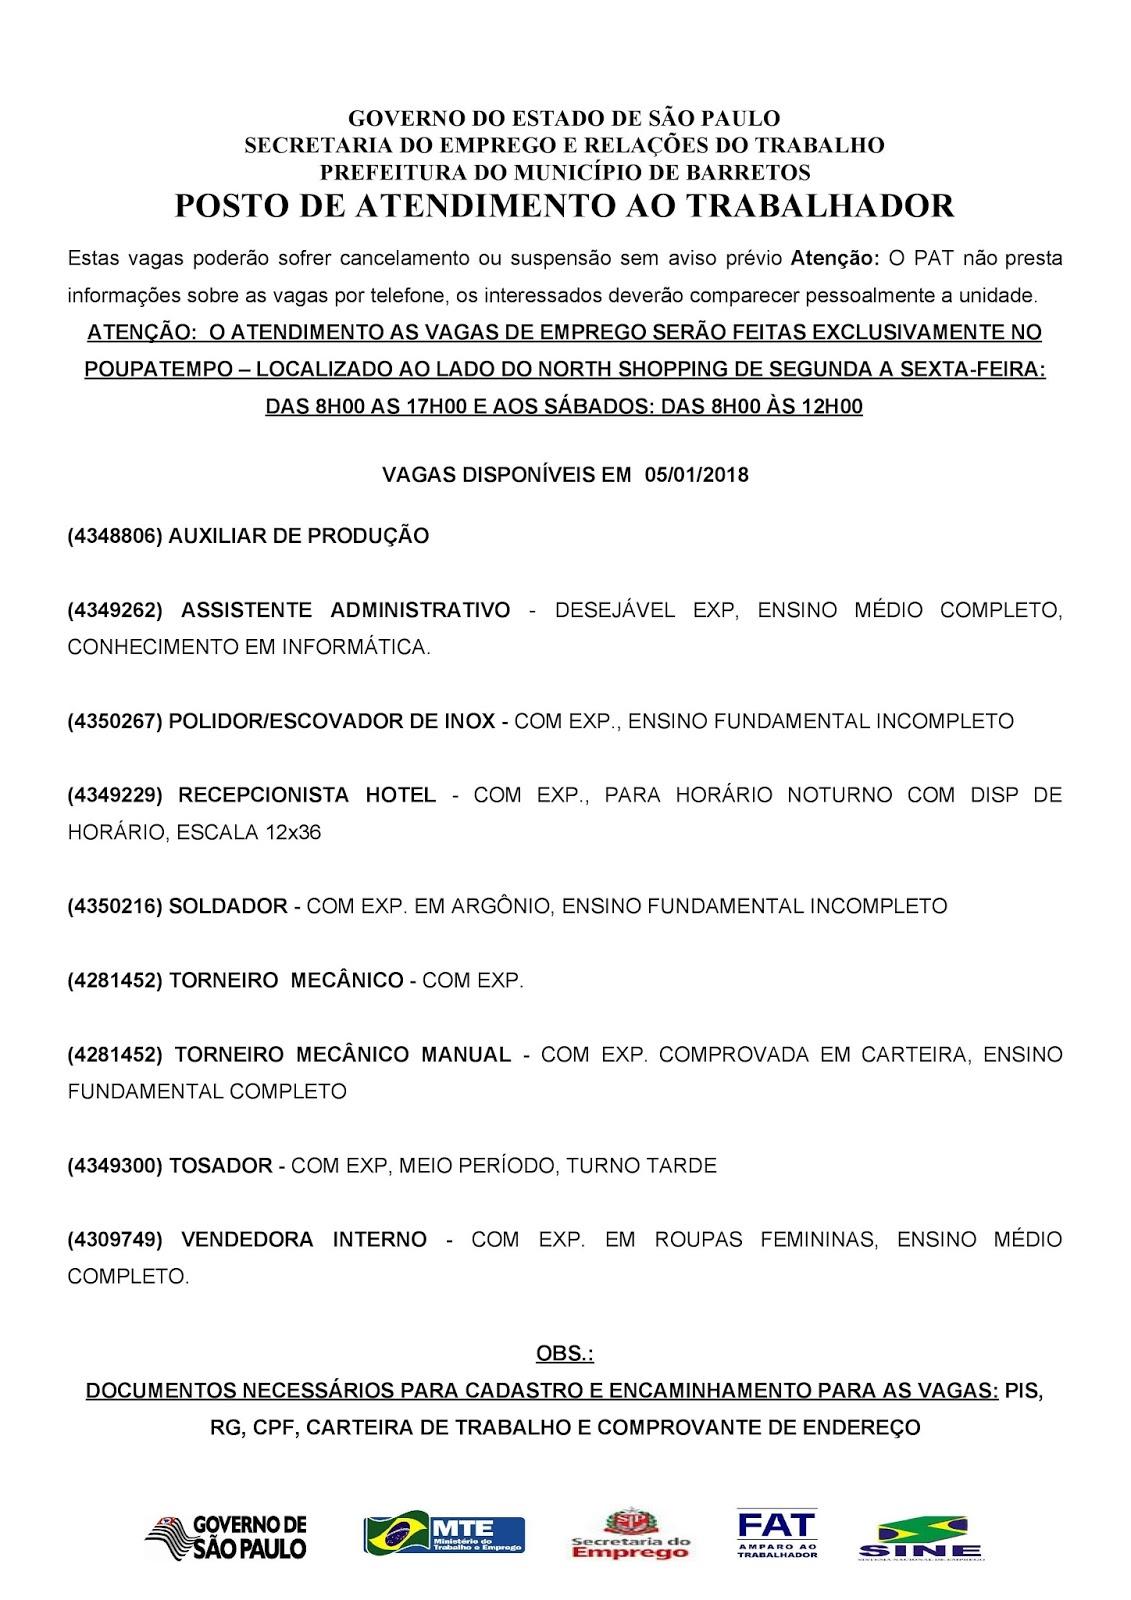 VAGAS DE EMPREGO DO PAT BARRETOS-SP PARA 05/01/2018 SEXTA-FEIRA